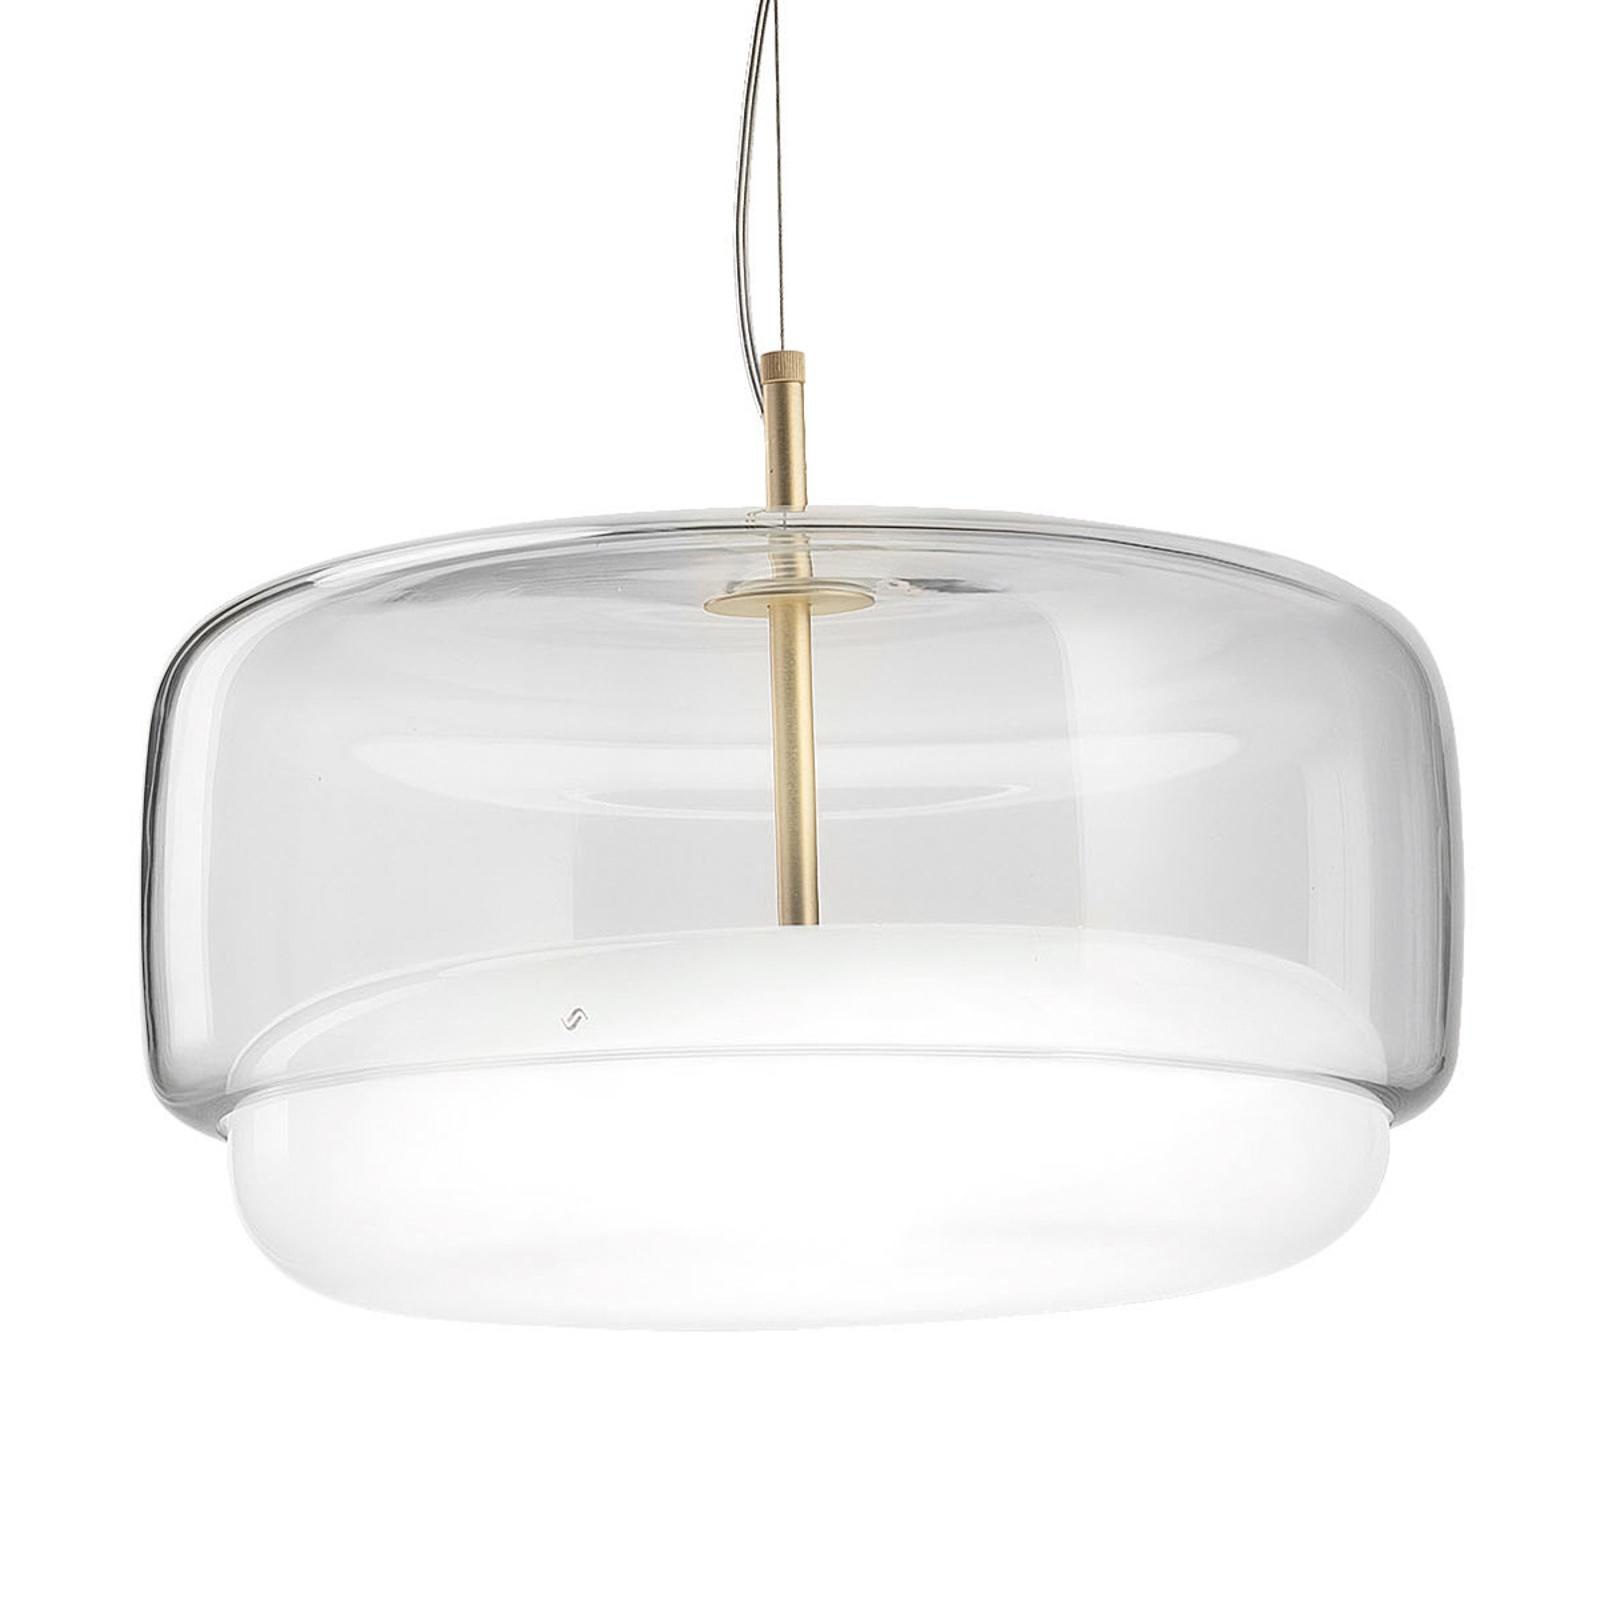 LED-Hängelampe Jube SP G aus Glas, klar/weiß